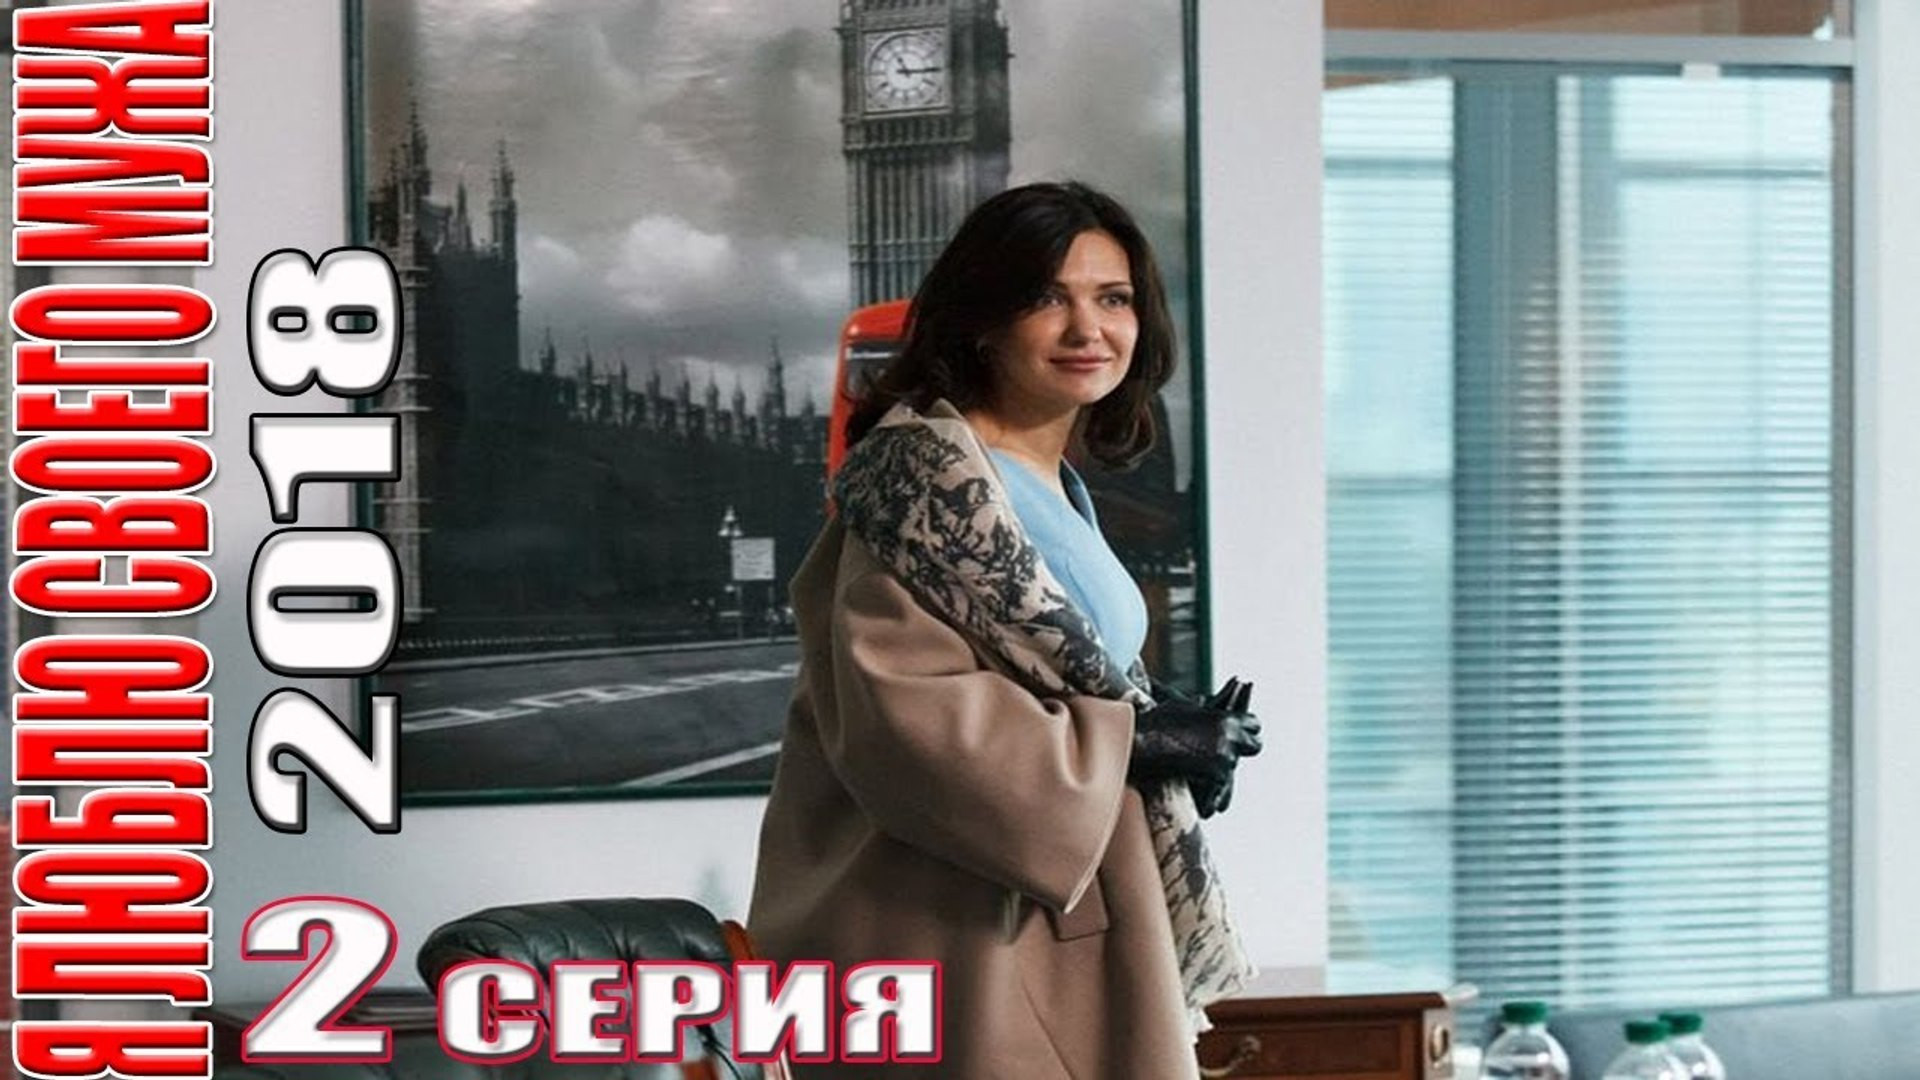 НОВАЯ премьера 2018! Я ЛЮБЛЮ СВОЕГО МУЖА 2 серия (2018 ) Русские мелодрамы 2018 новинки hd 2018